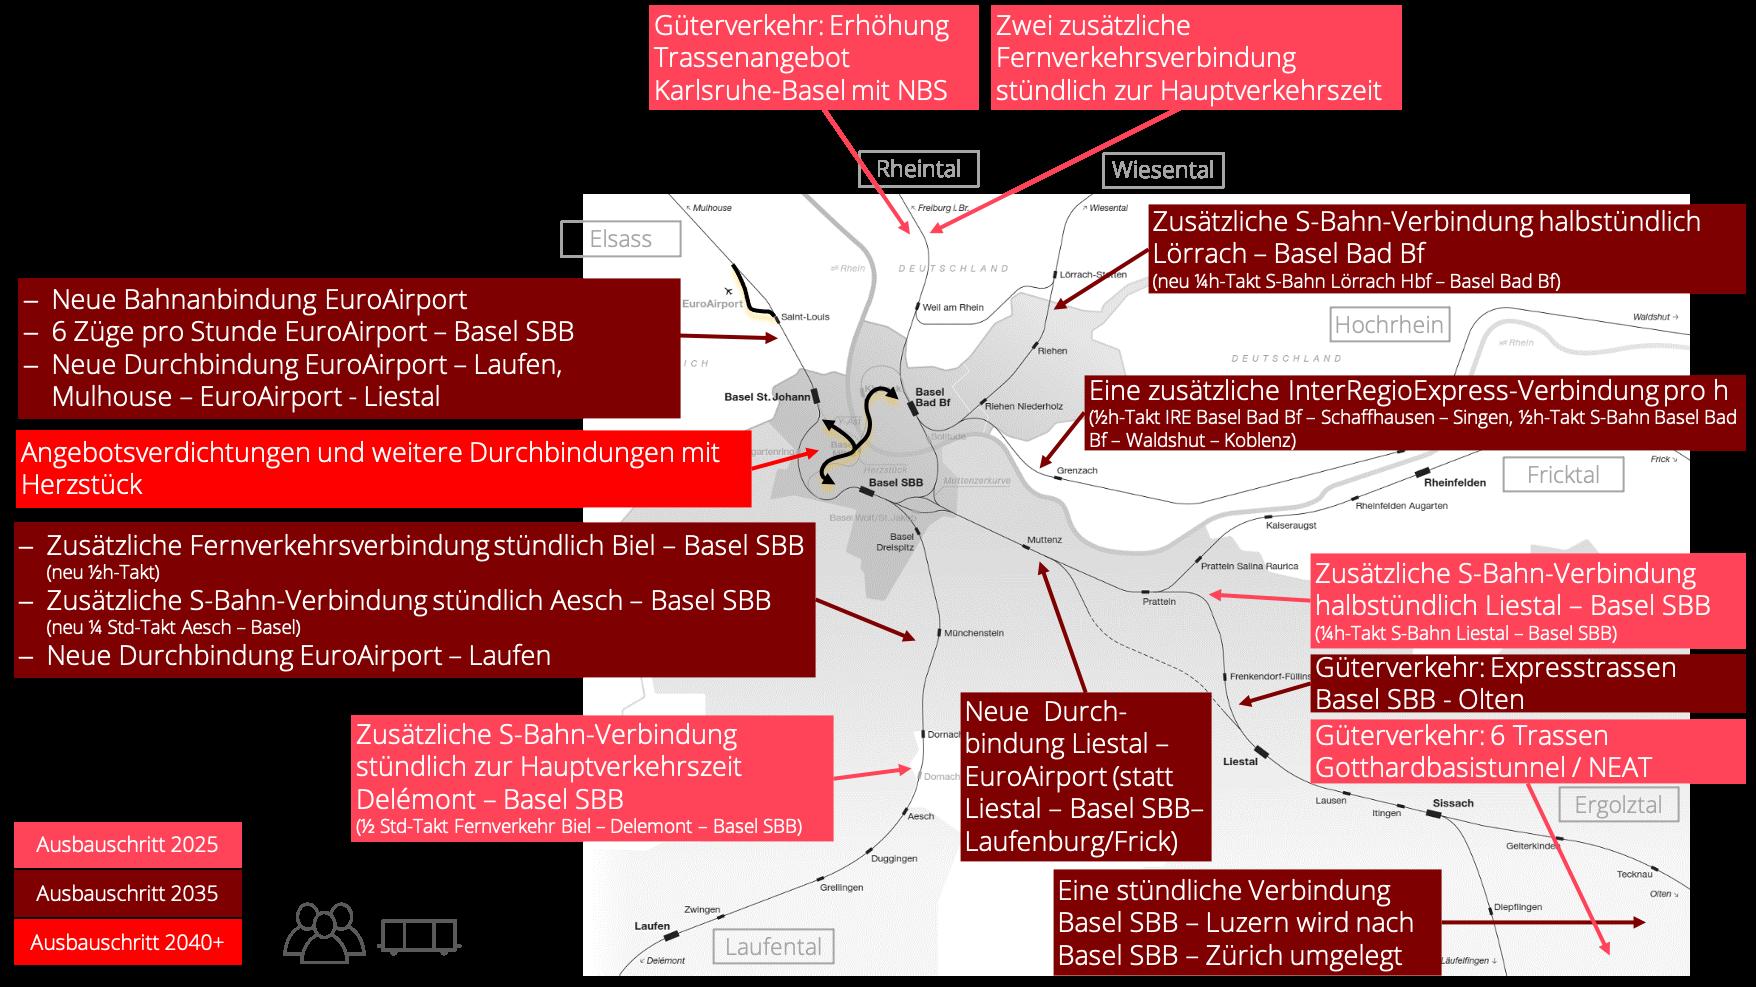 Übersicht des Angebots im Personen- und Güterverkehr in den verschiedenen Ausbauschritten.